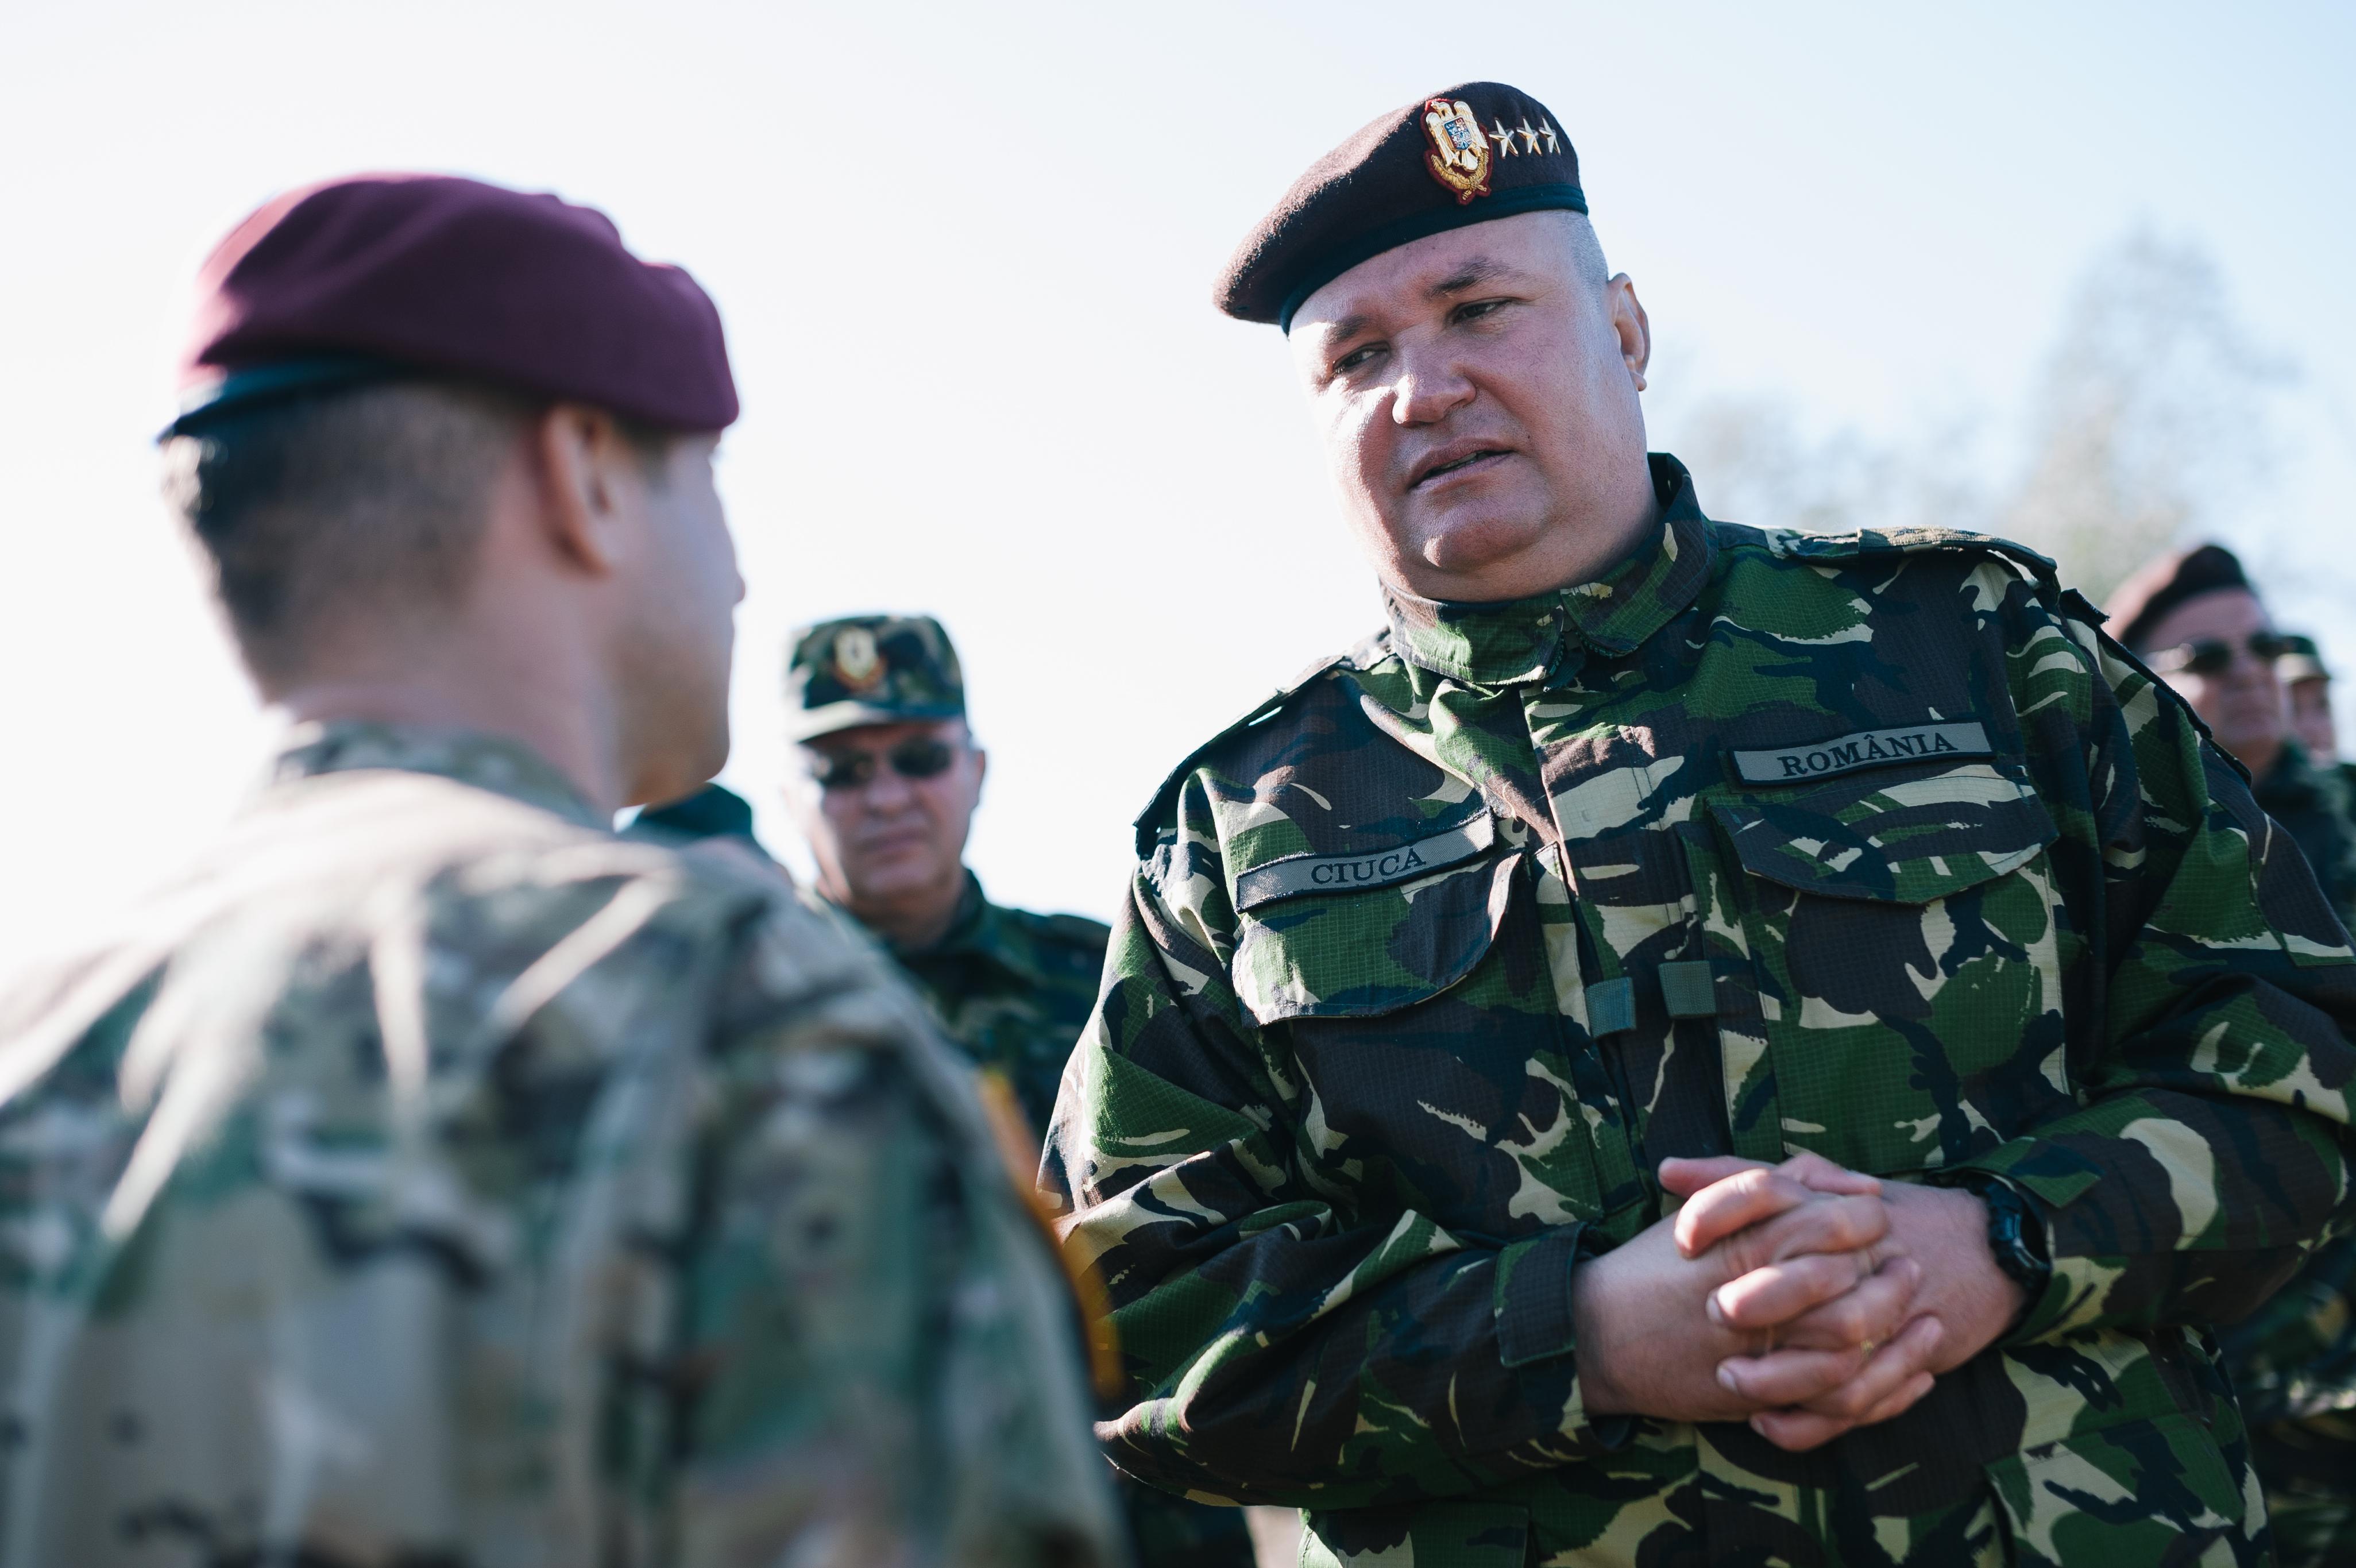 Generalul Ciucă, şeful Armatei: Funcţia mă obligă să caut soluţii la inechităţile din pensiile militare. Nu am profilul omului care `rămâne în cort`